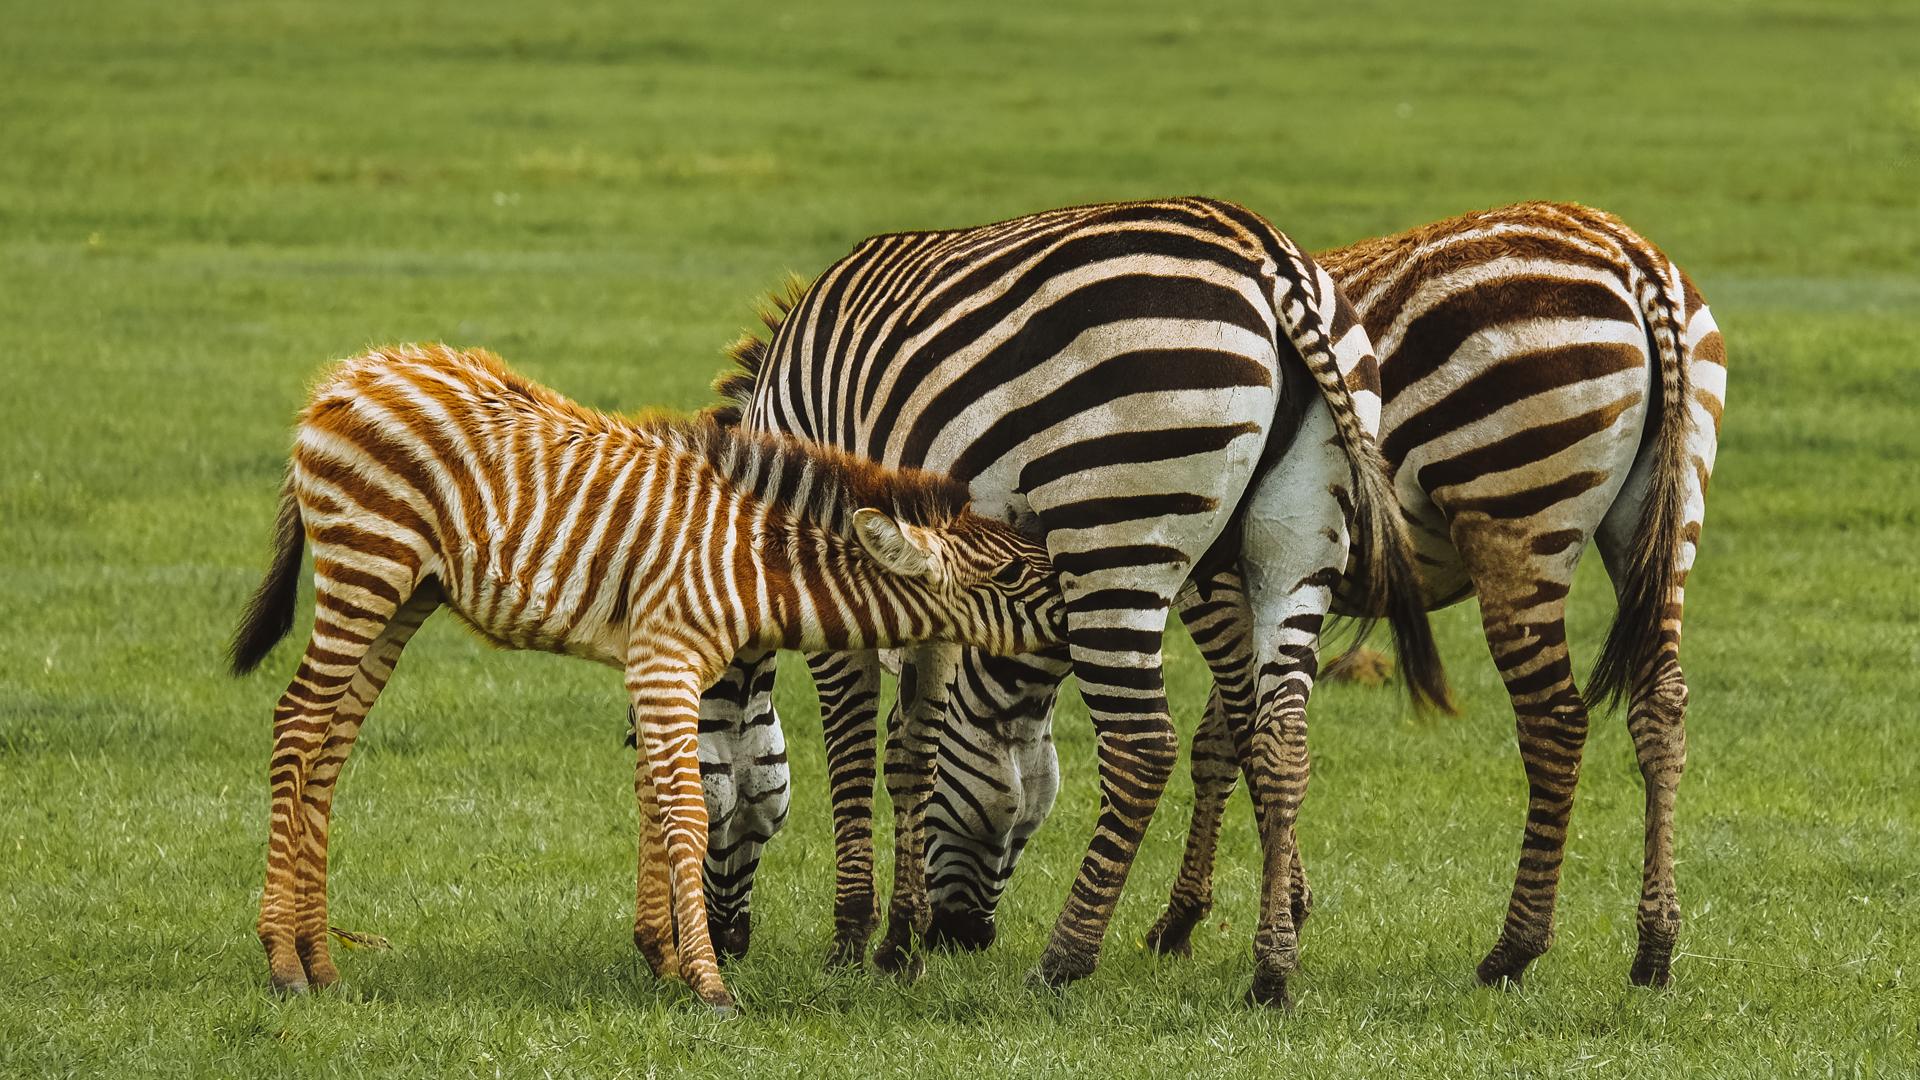 A zebra family with a baby zebra